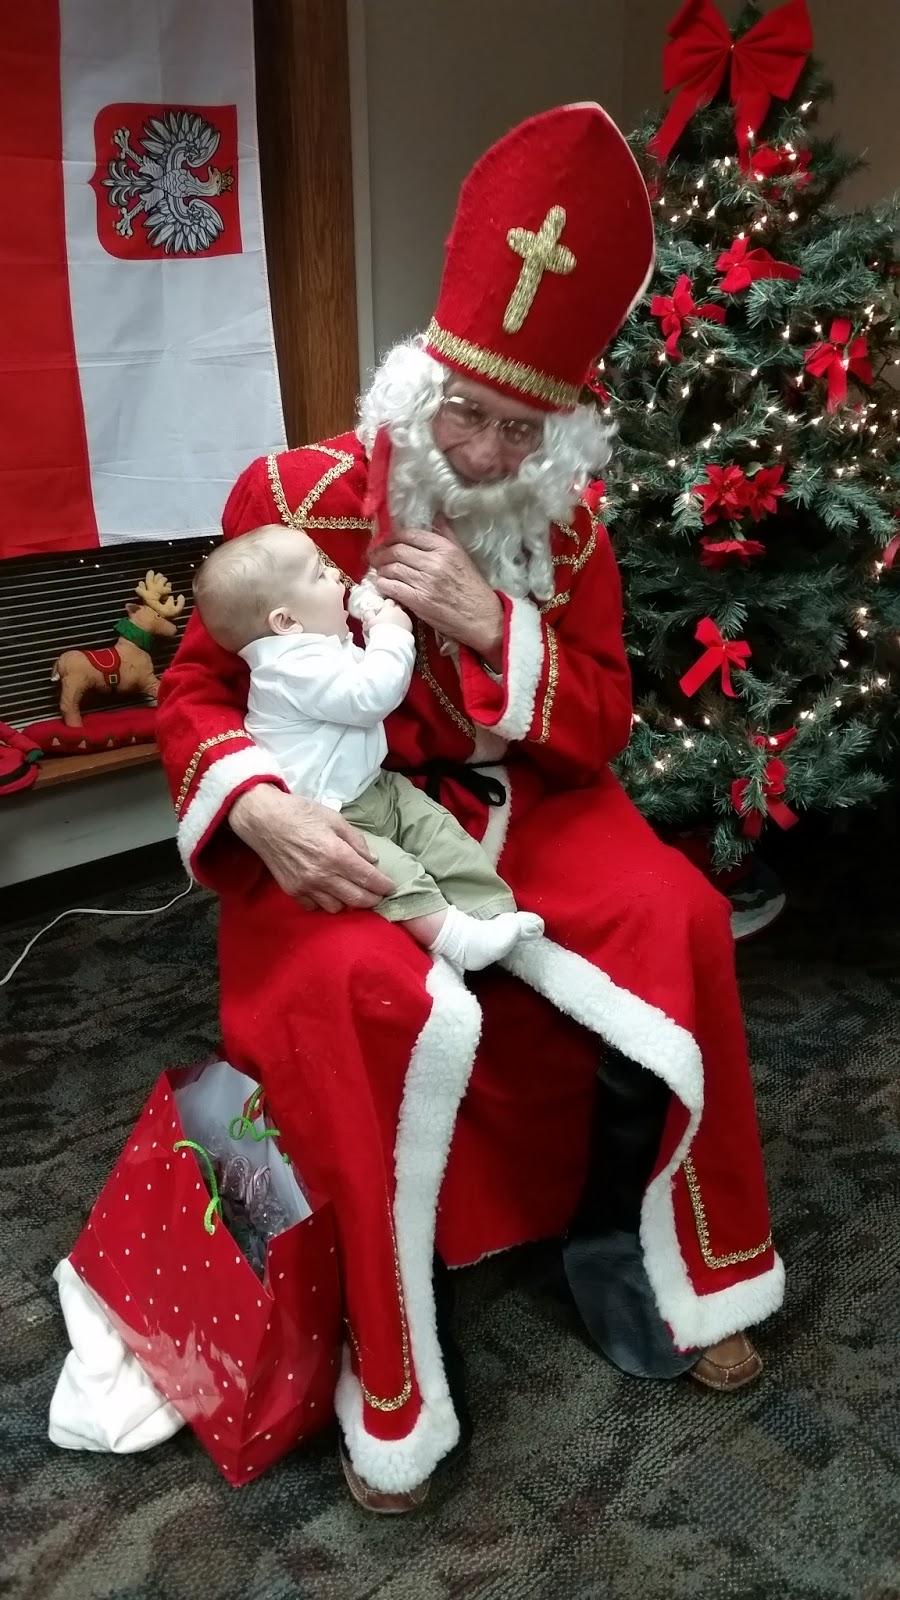 polish christmas traditions wwwsweetlittleonesblogcom - Polish Christmas Traditions